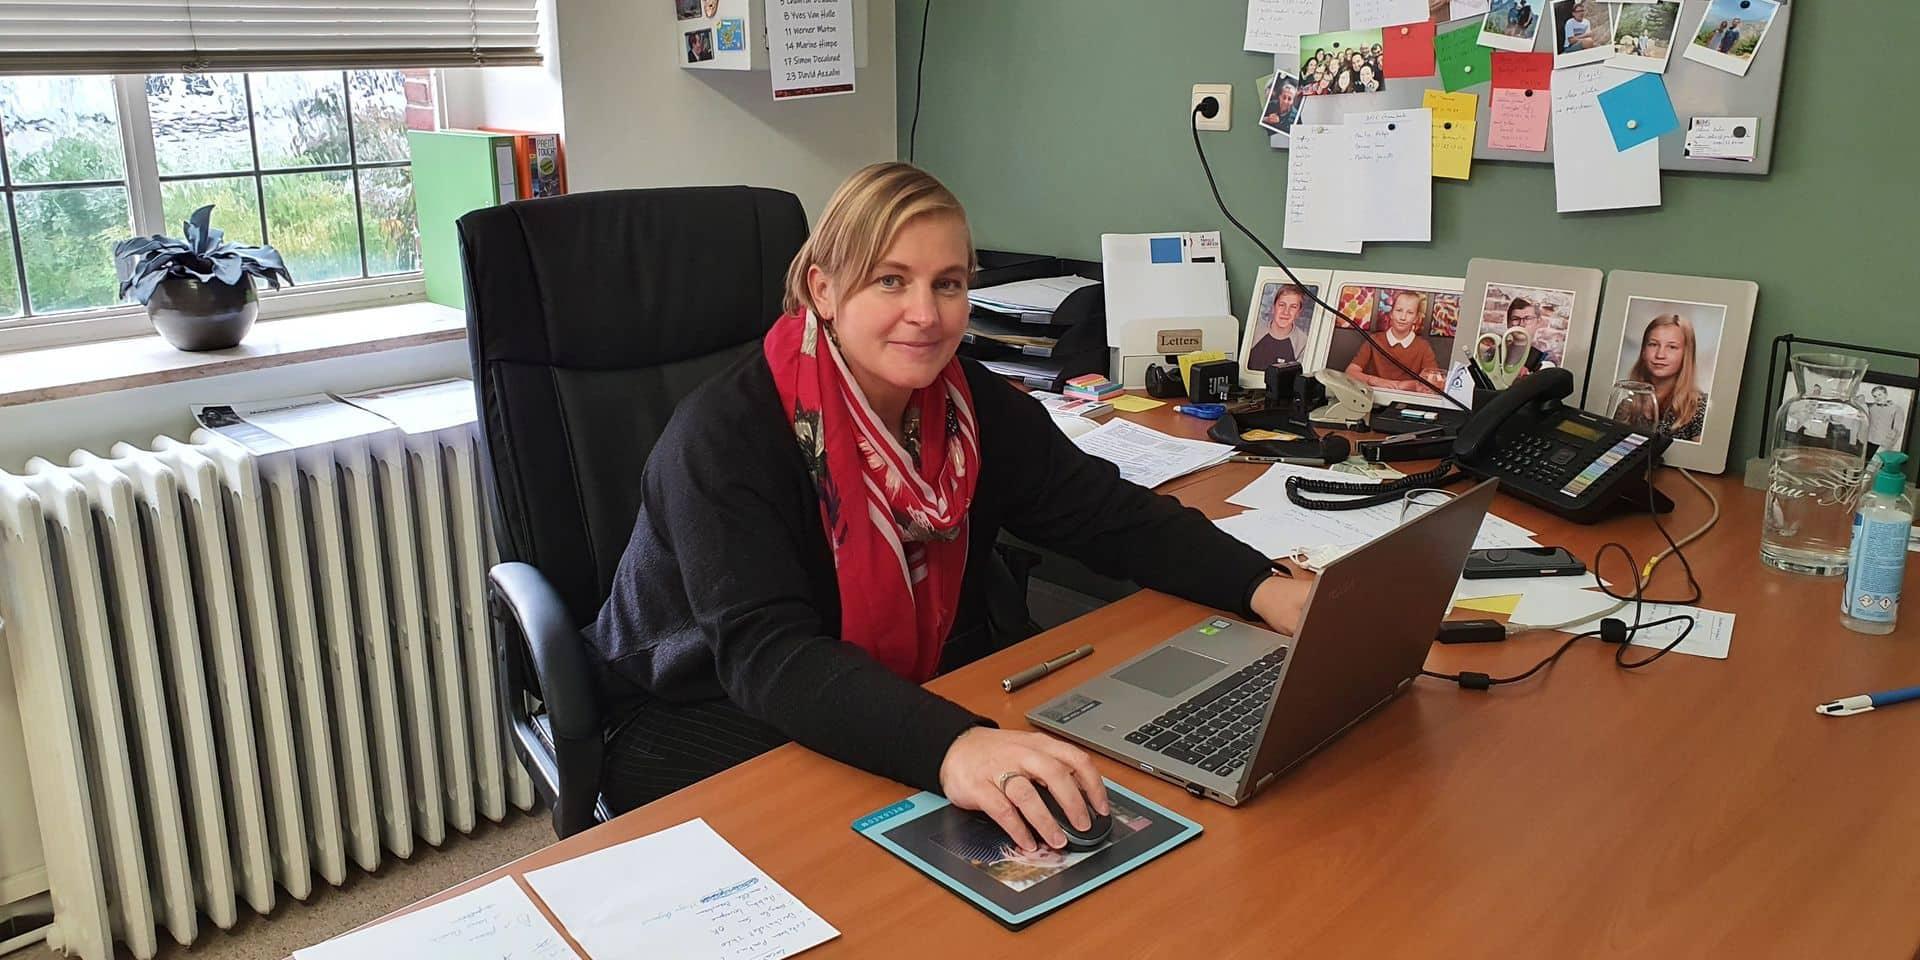 """Julie Delneste, directrice de l'école secondaire des Frères à Tournai: """"On se pose beaucoup de questions, on ne sait pas où on va"""""""